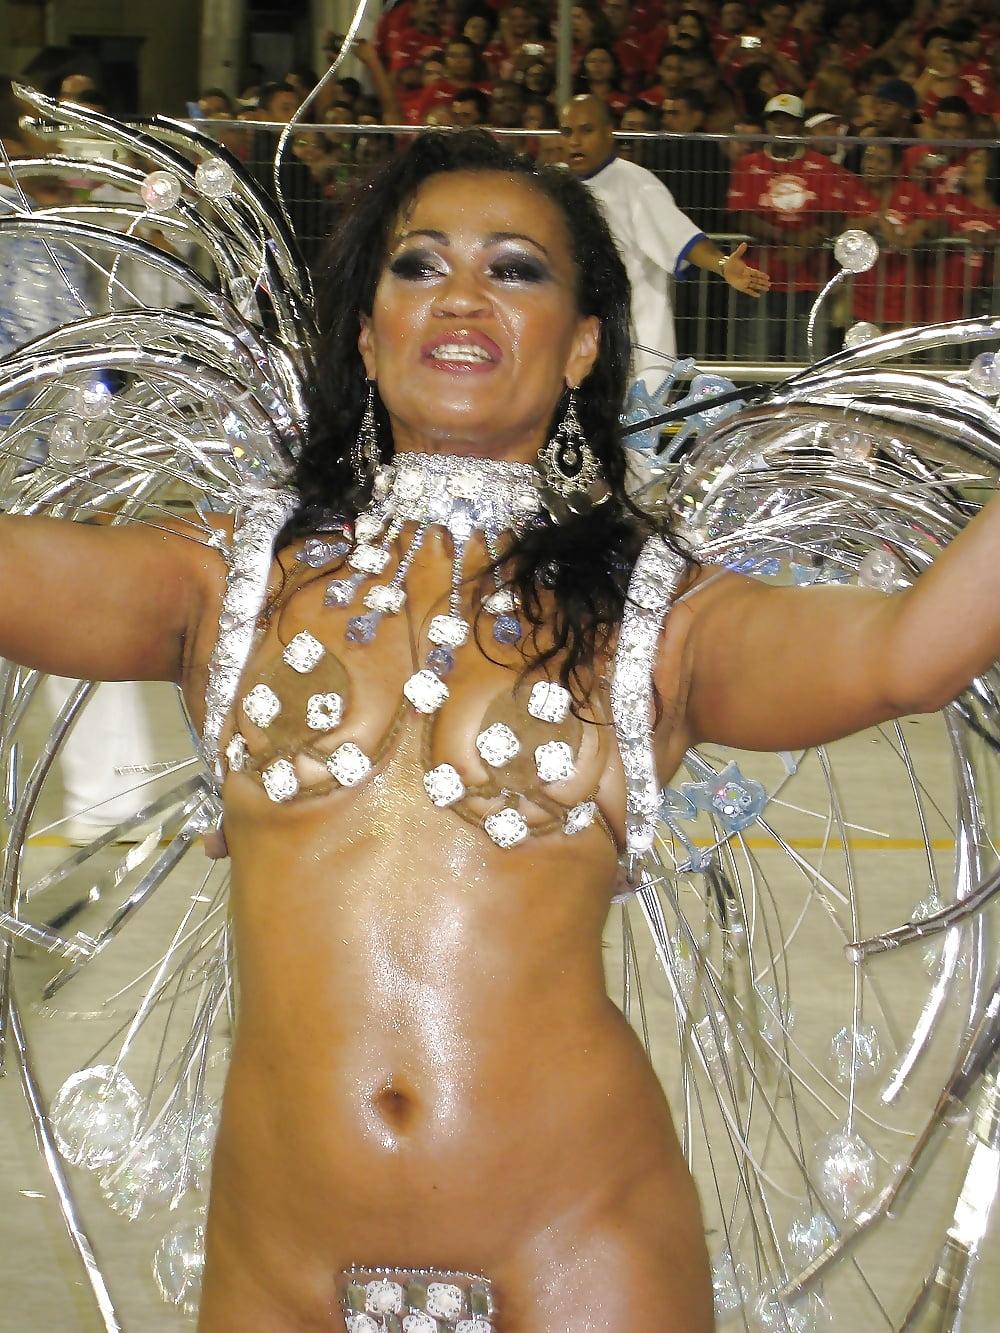 следует считать трахнули бразильянку на карнавале дымовая завеса